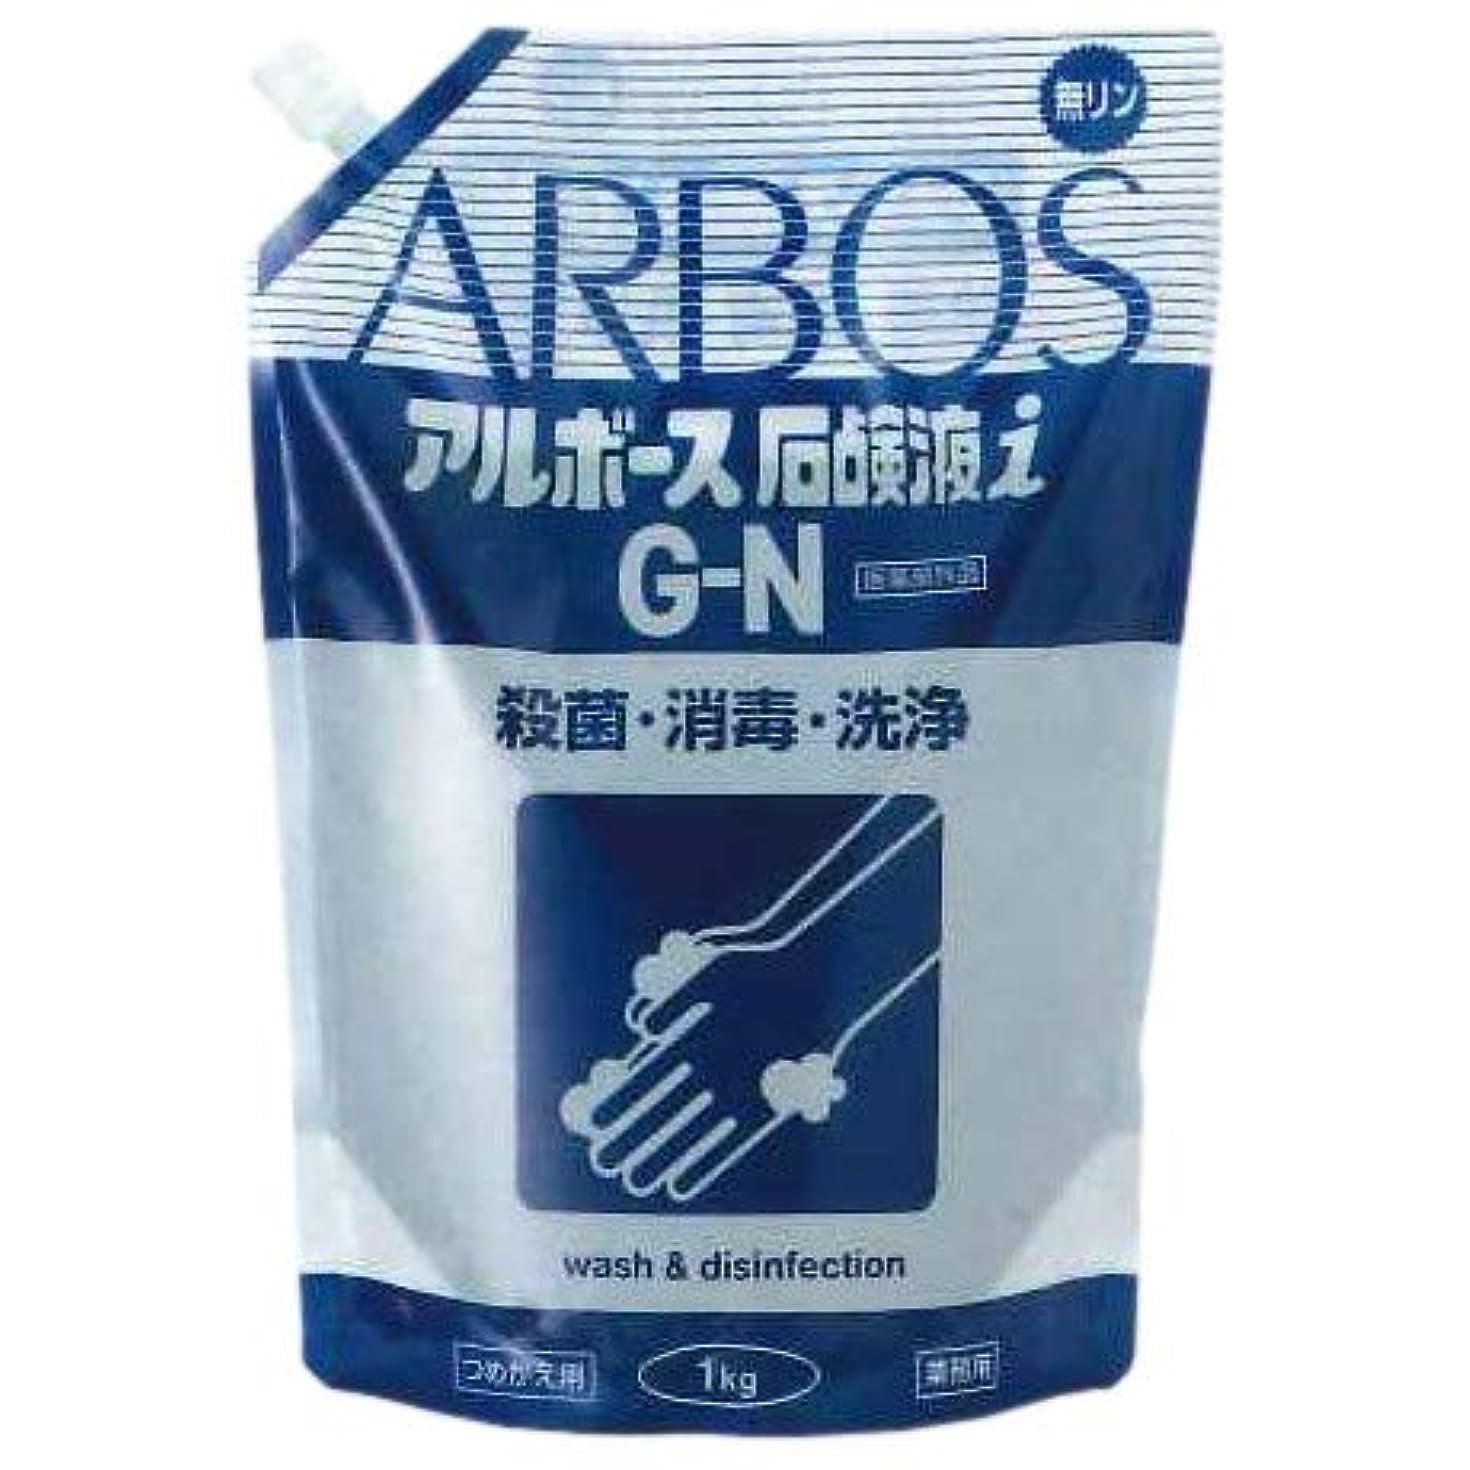 スラム街マリン残基アルボース 薬用ハンドソープ アルボース石鹸液i G-N 濃縮タイプ 1kg×18袋